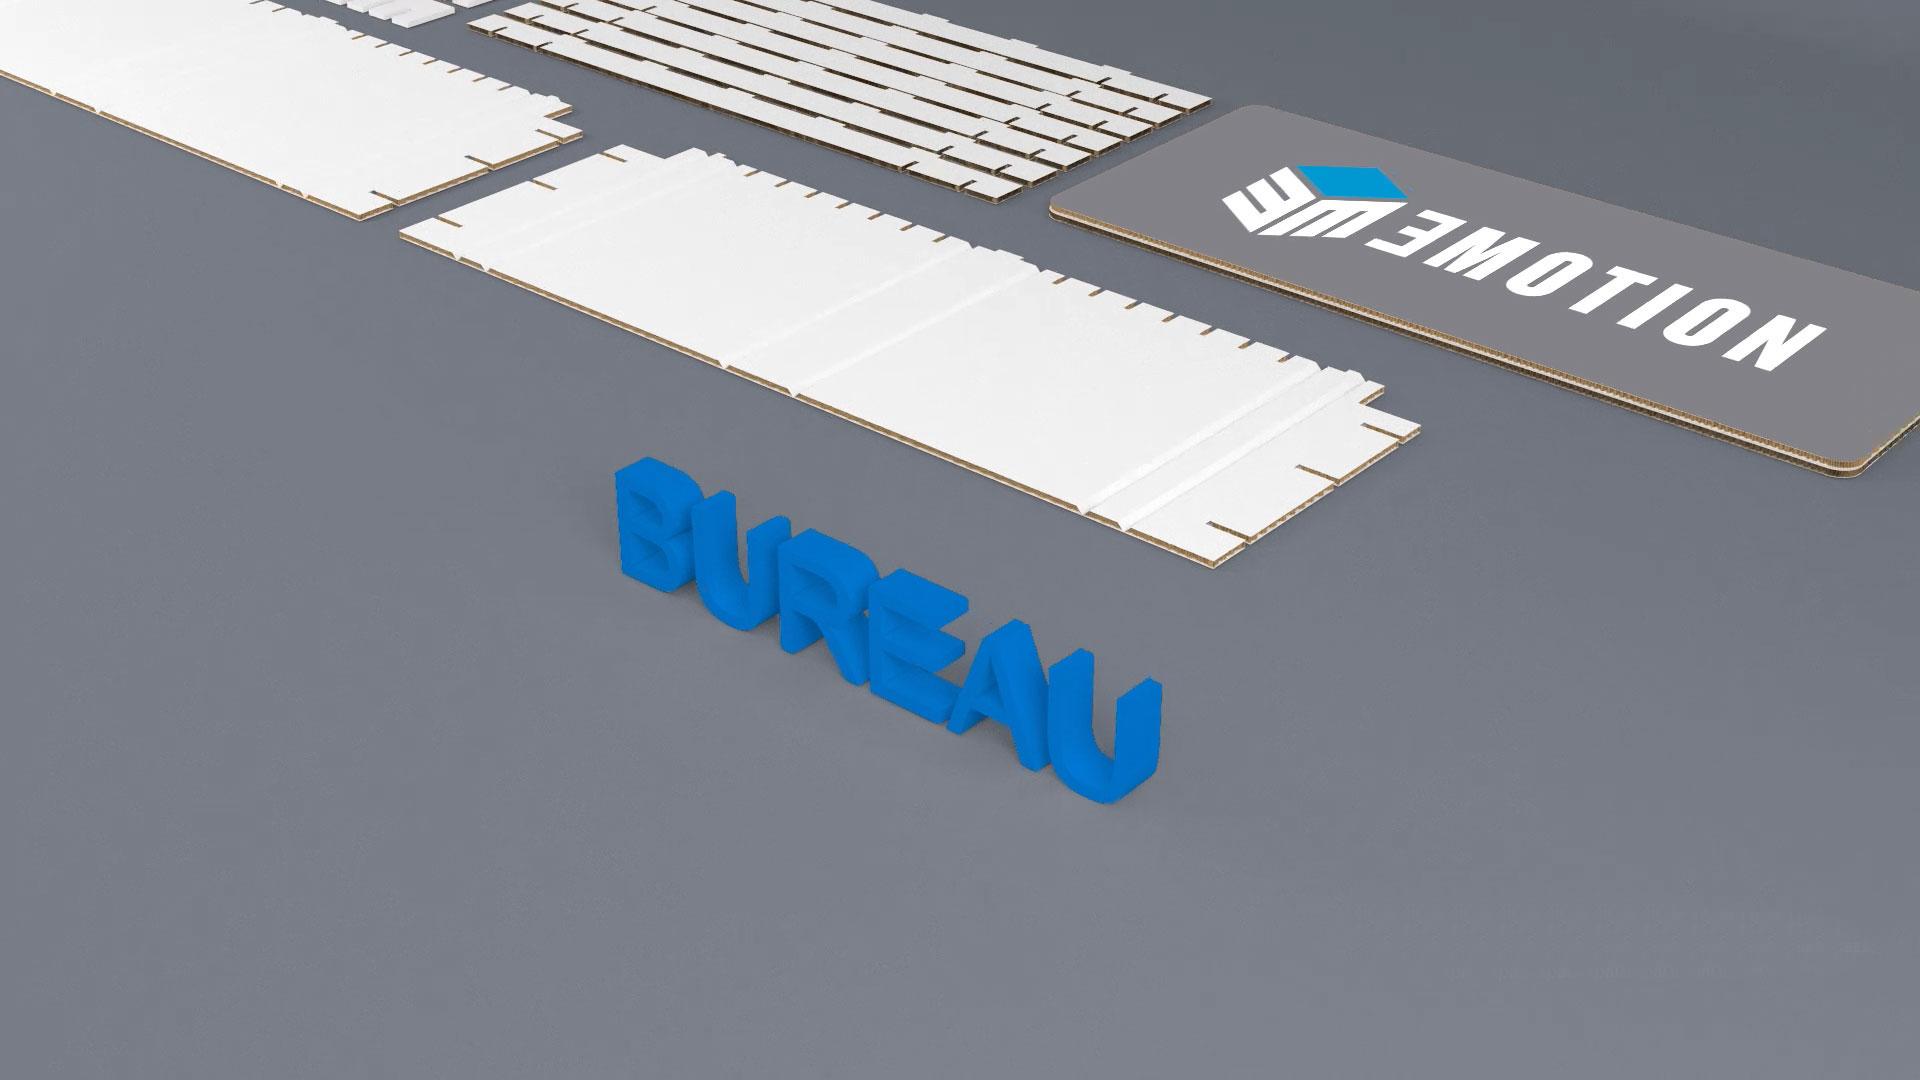 bureau5